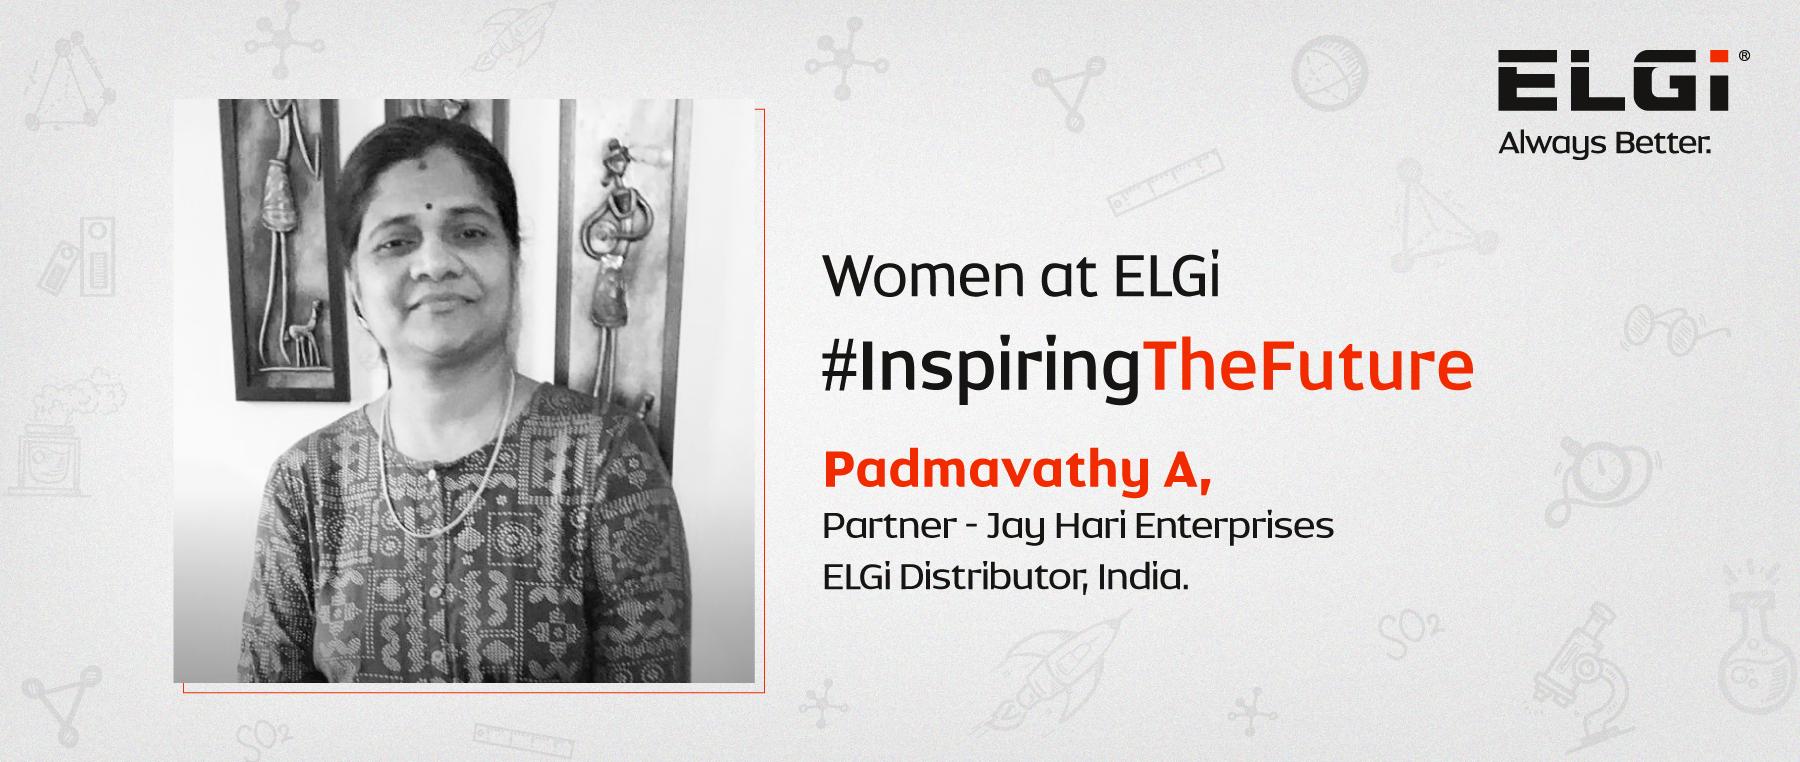 Women at ELGi #InspiringTheFuture – Padmavathy A